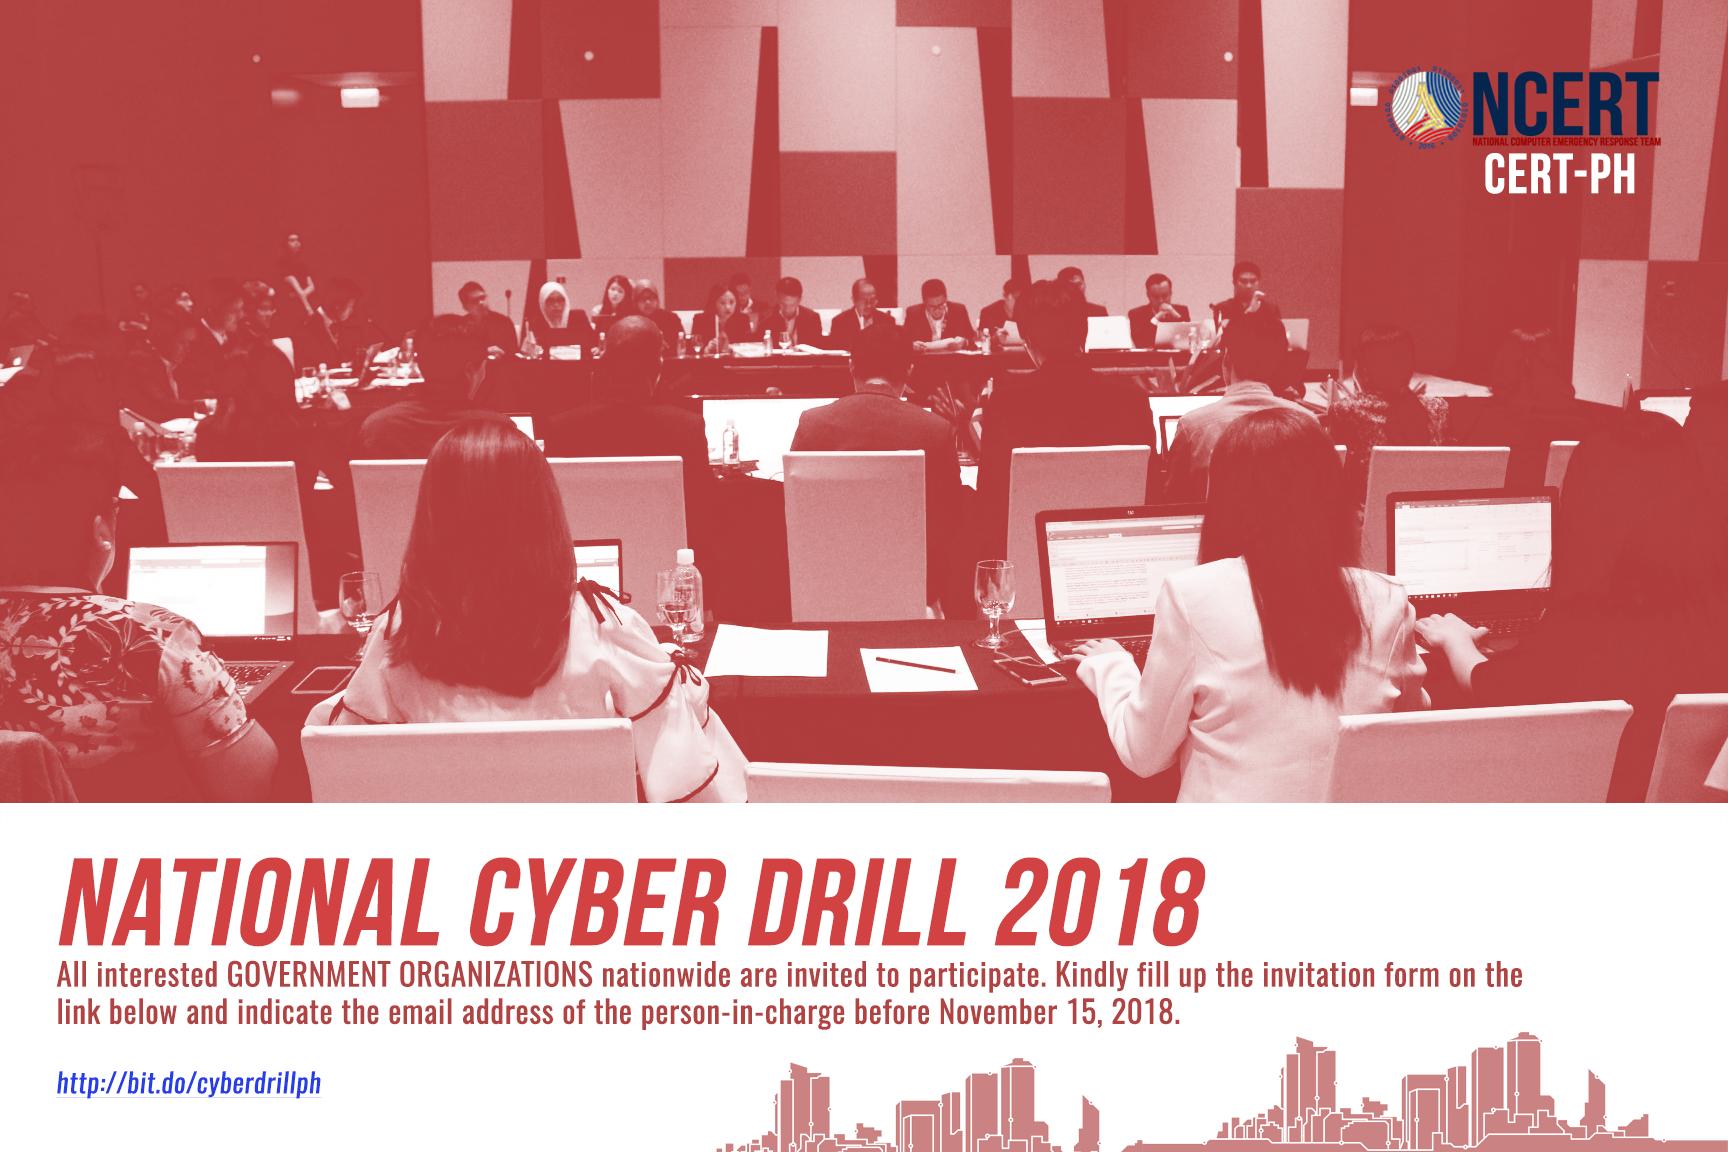 Cyberdrill 2018